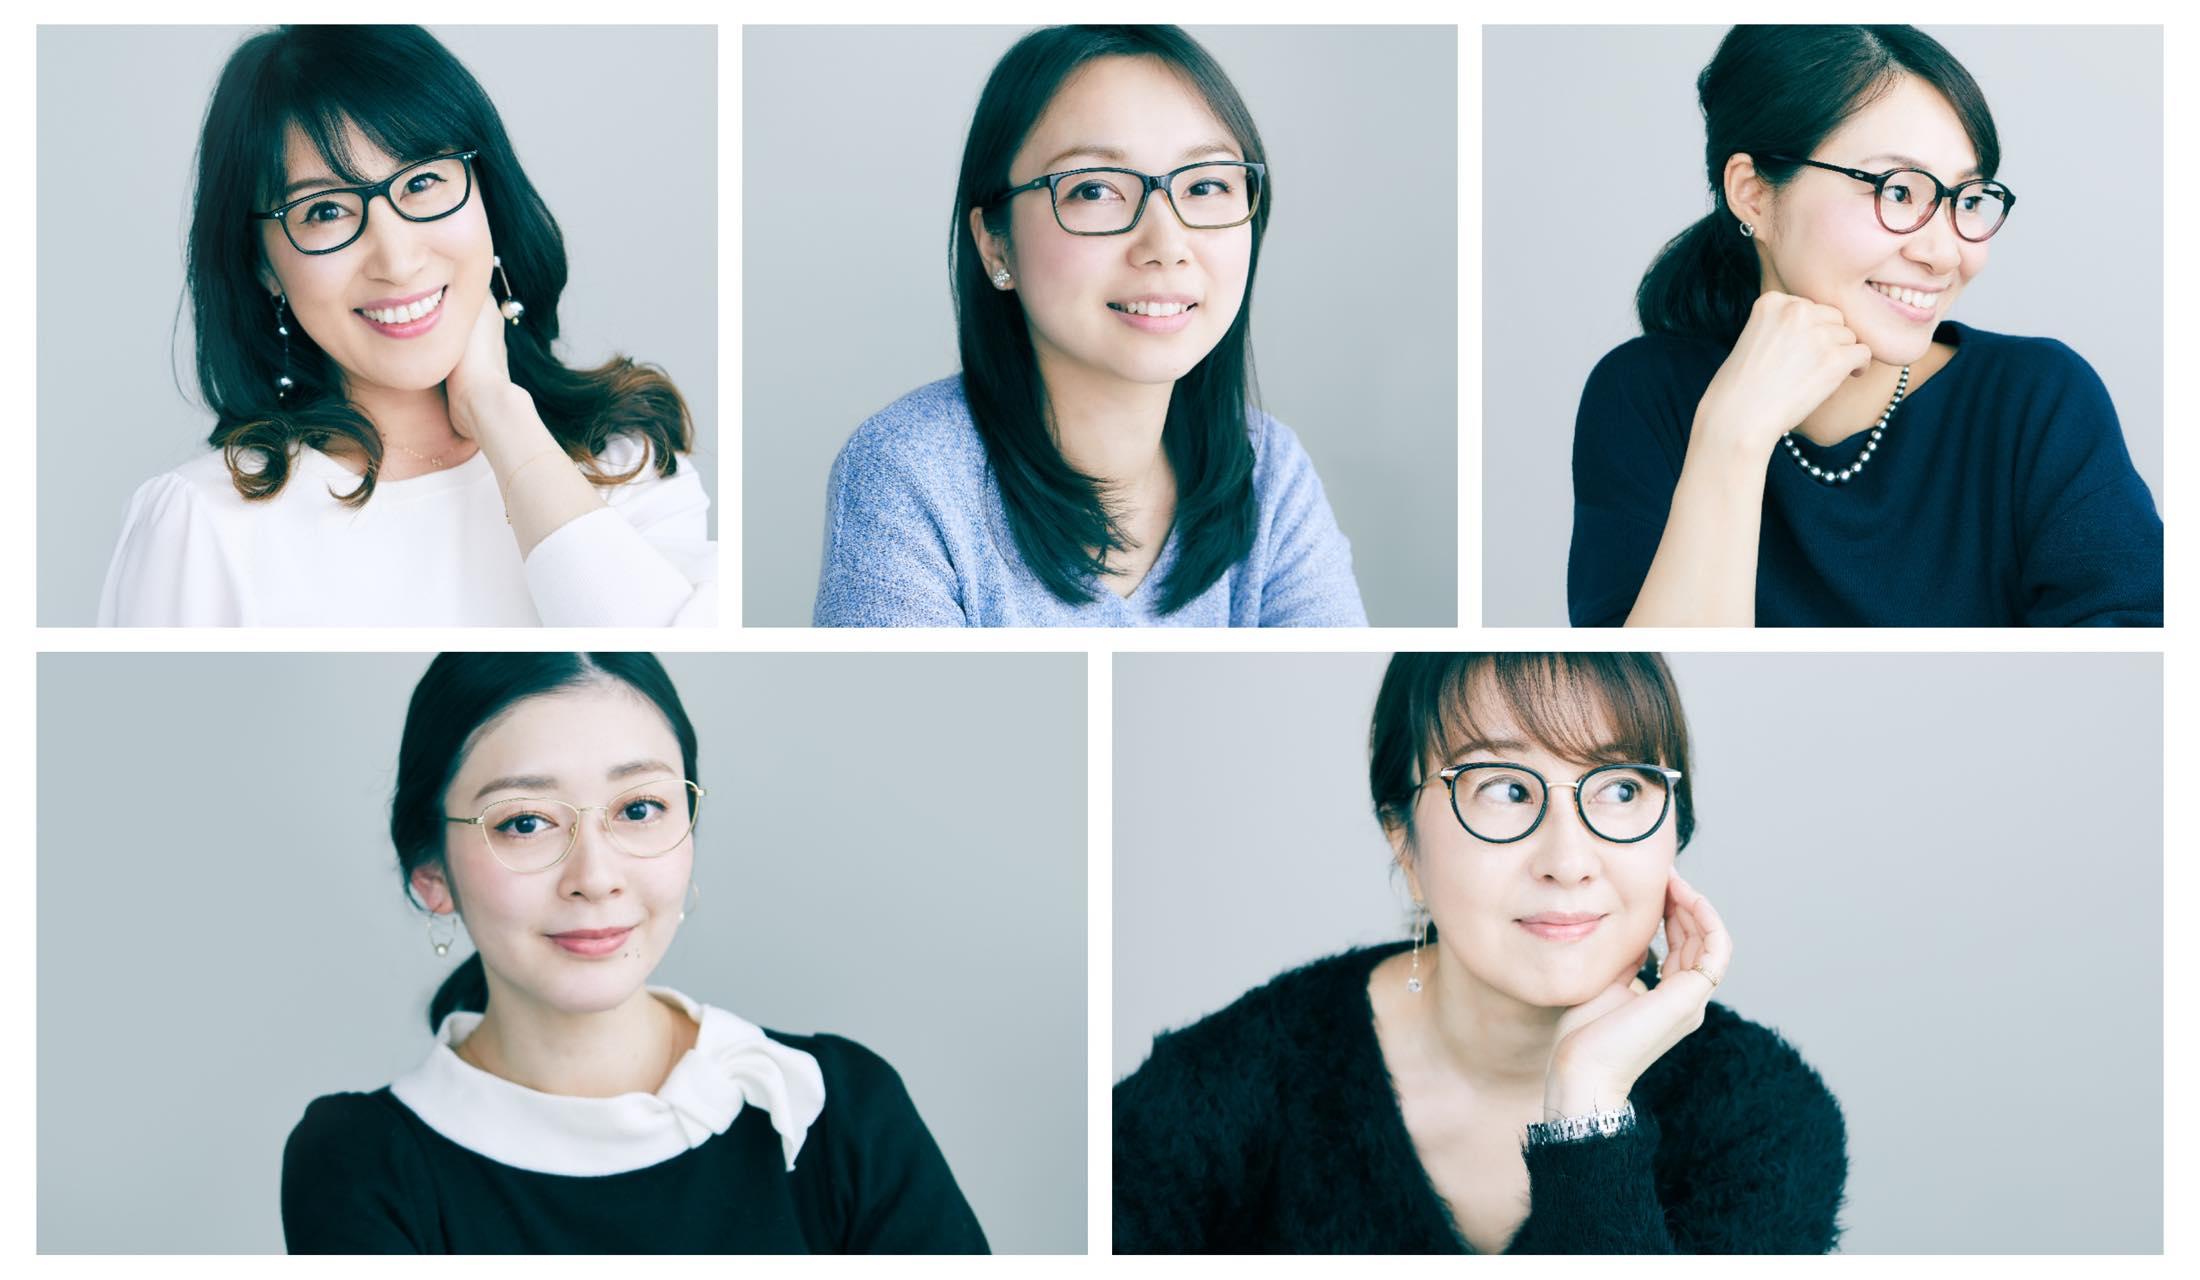 メガネを着用した美女5人のスナップ写真